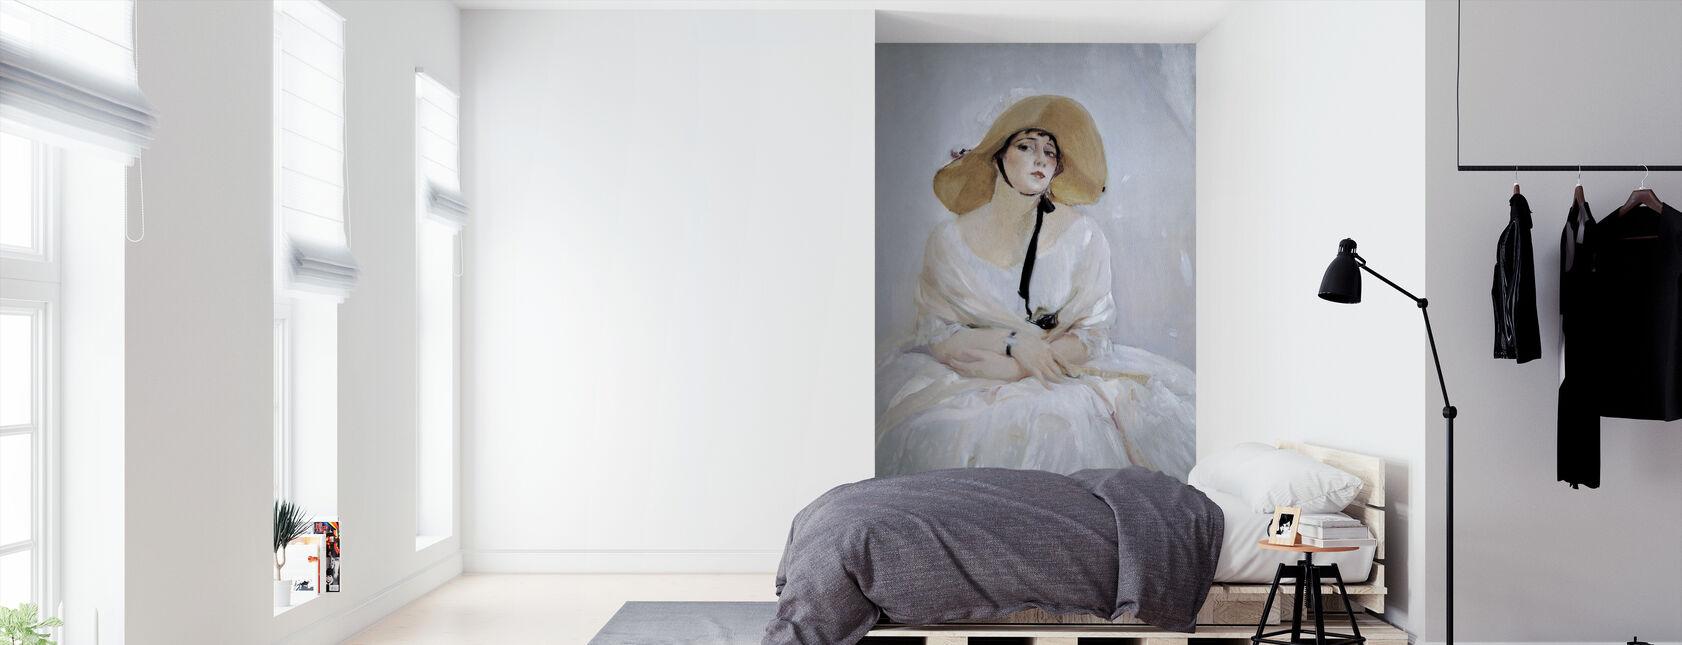 Portret van Raquel Meller - Joaquin Sorolla - Behang - Slaapkamer